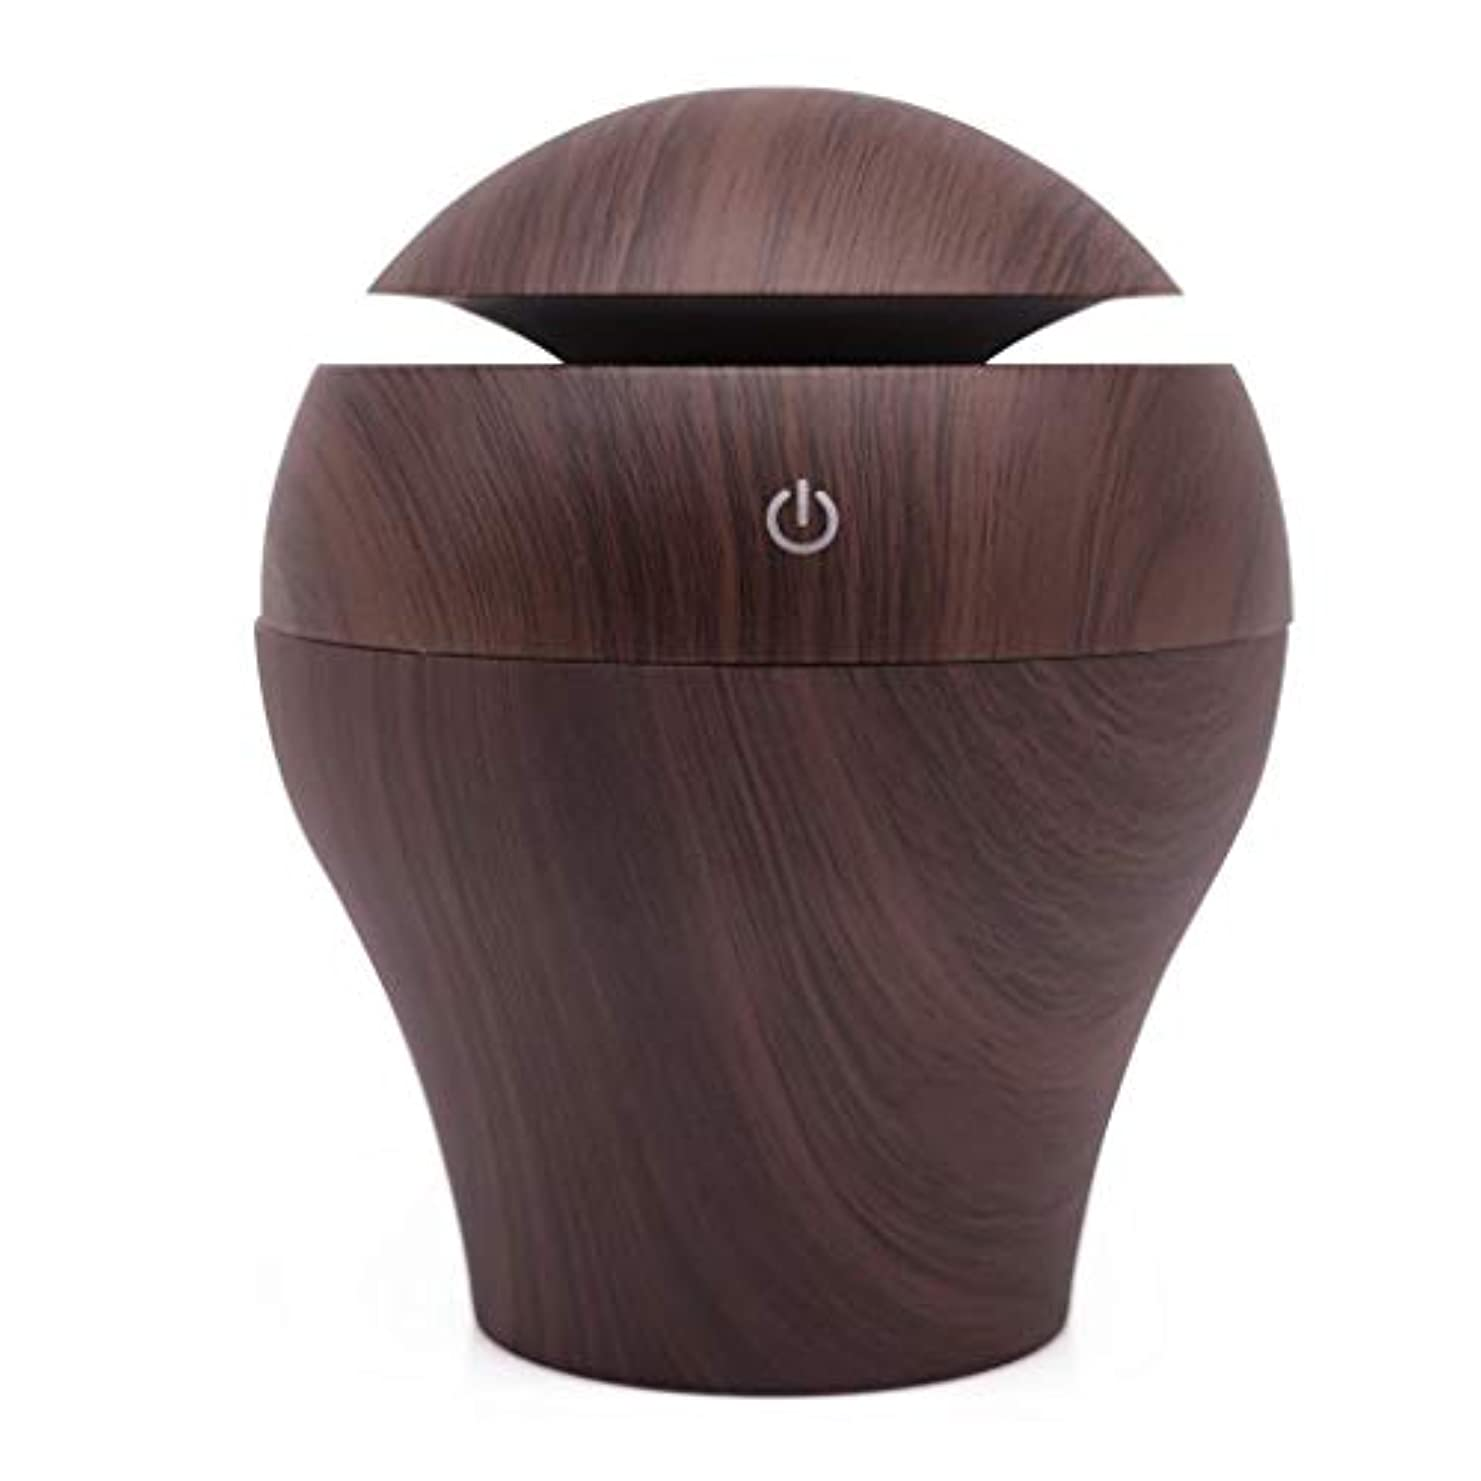 多様性重要性南アロマディフューザー250ミリリットルエッセンシャルオイルディフューザー電動超音波加湿器アロマ空気清浄機ウォーターレスオートオフ空気清浄機 (Color : Dark Wood Grain)